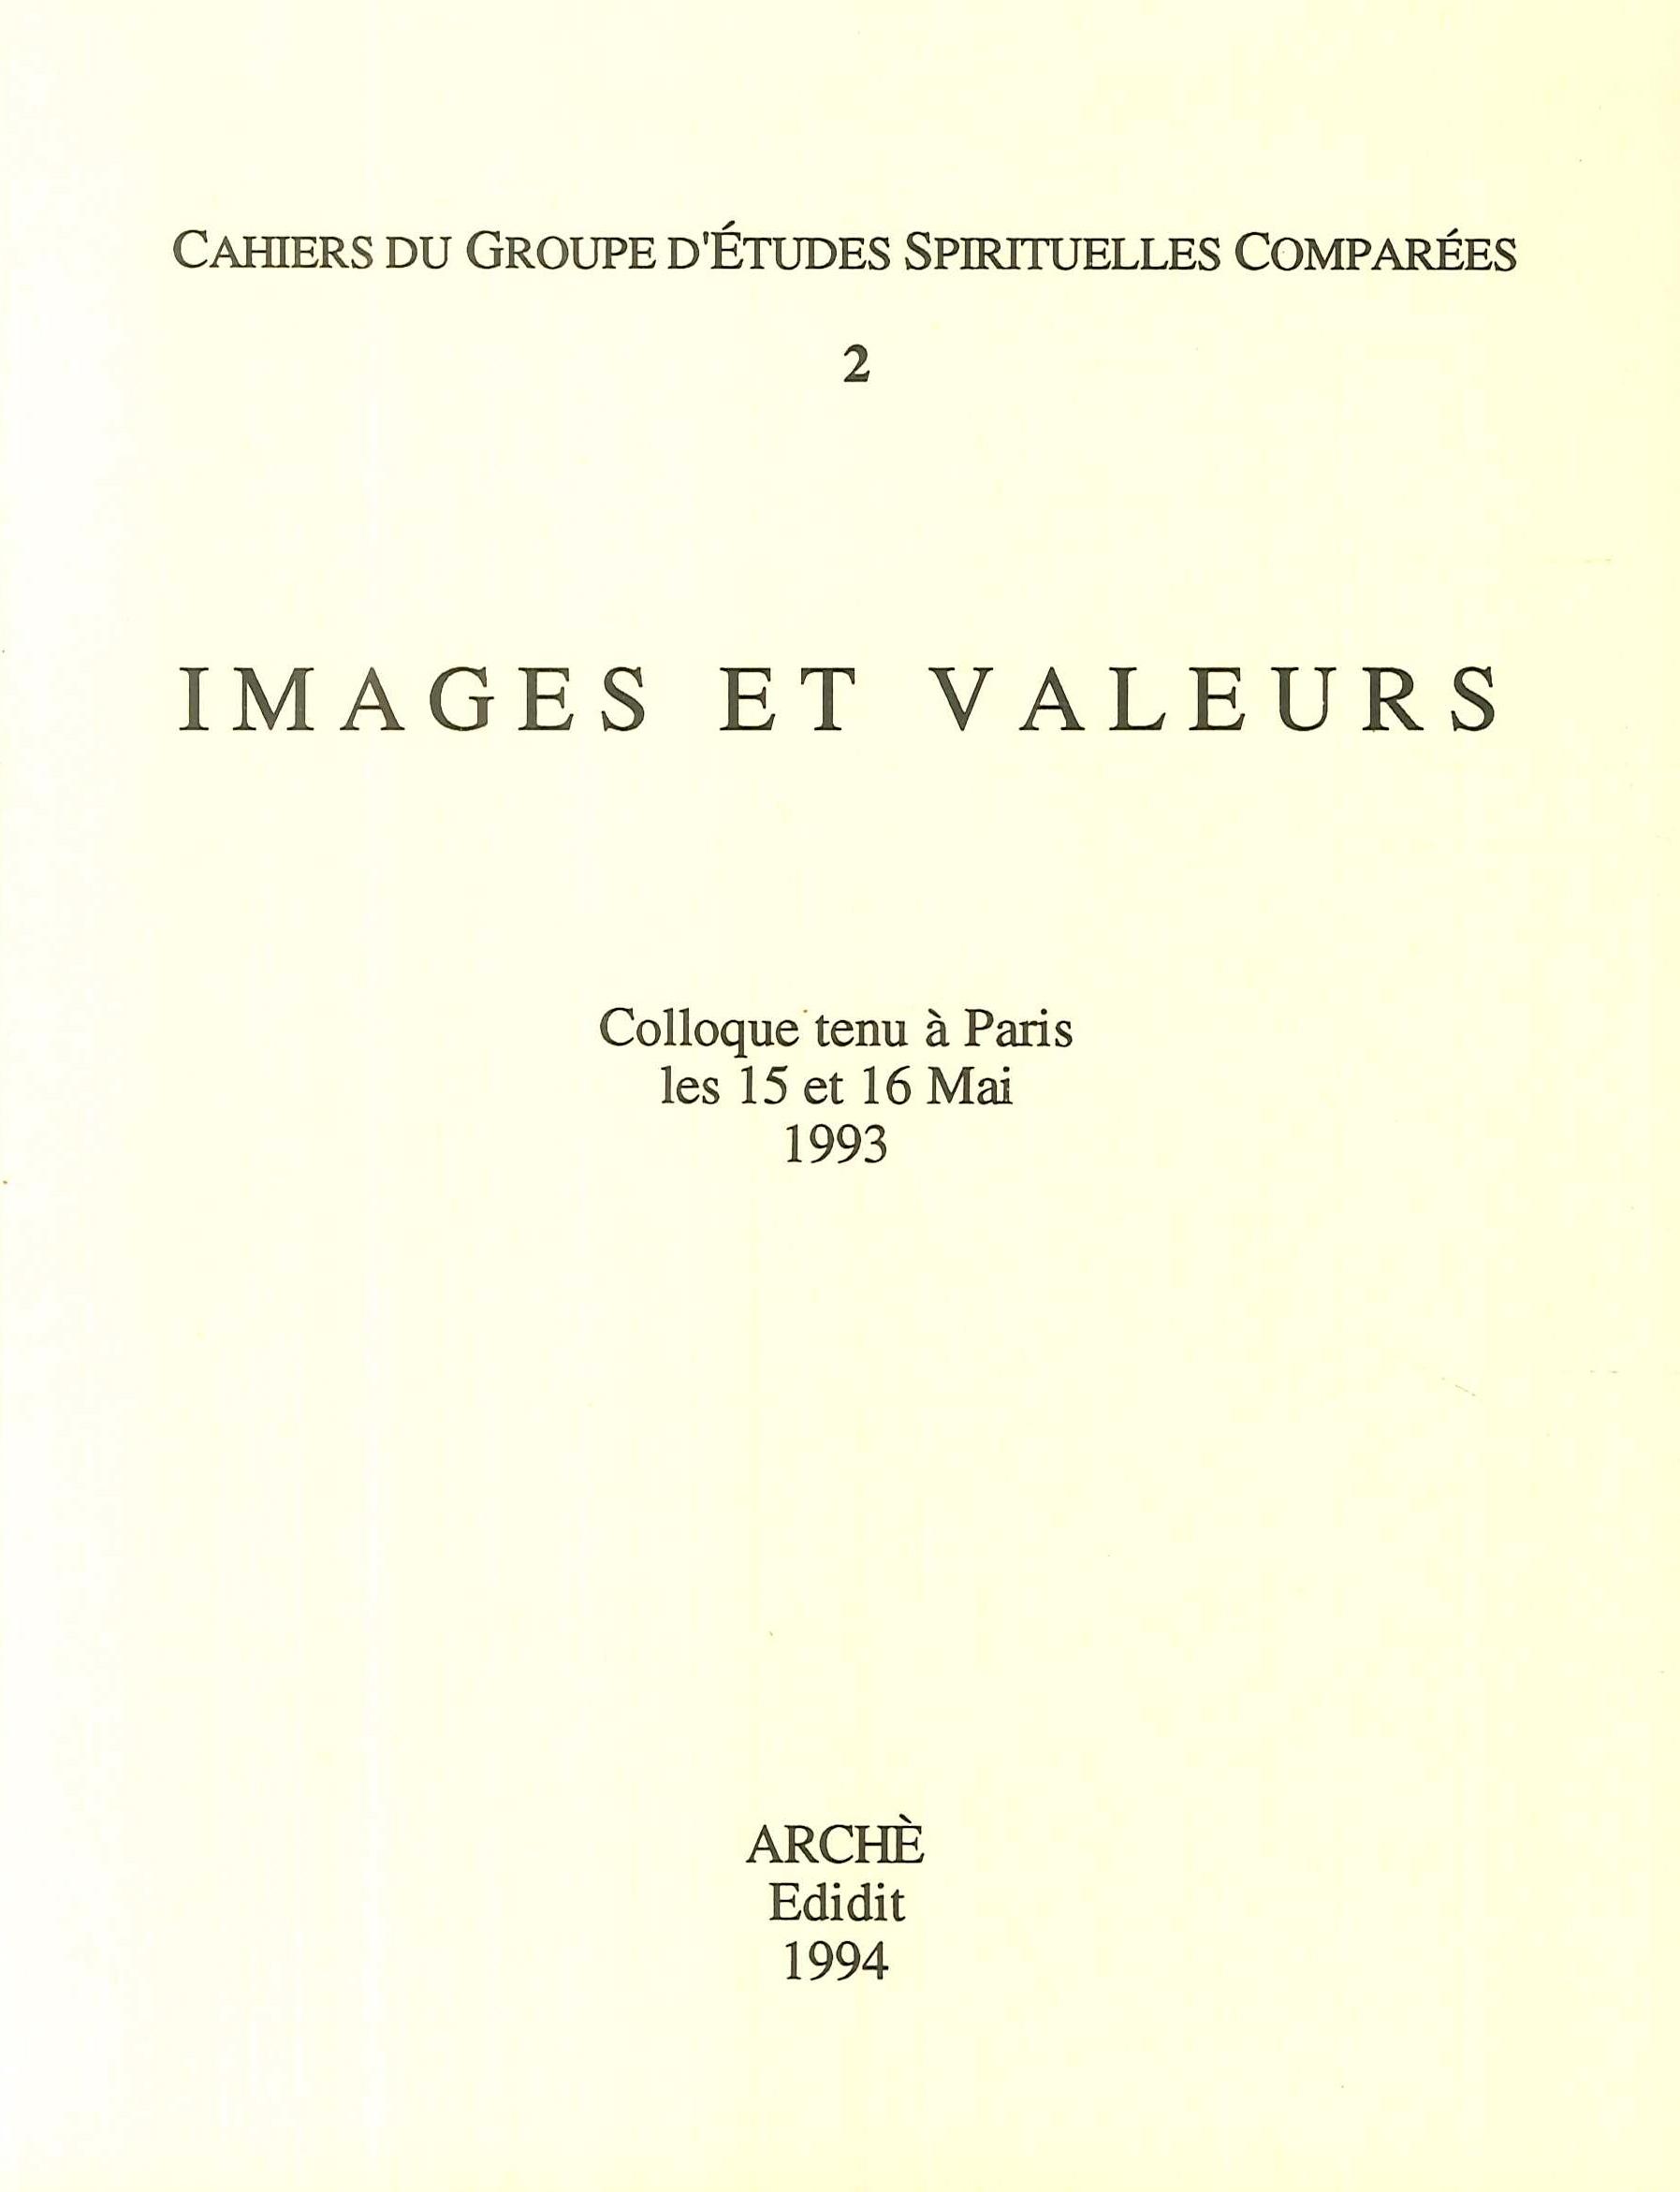 Images et valeurs